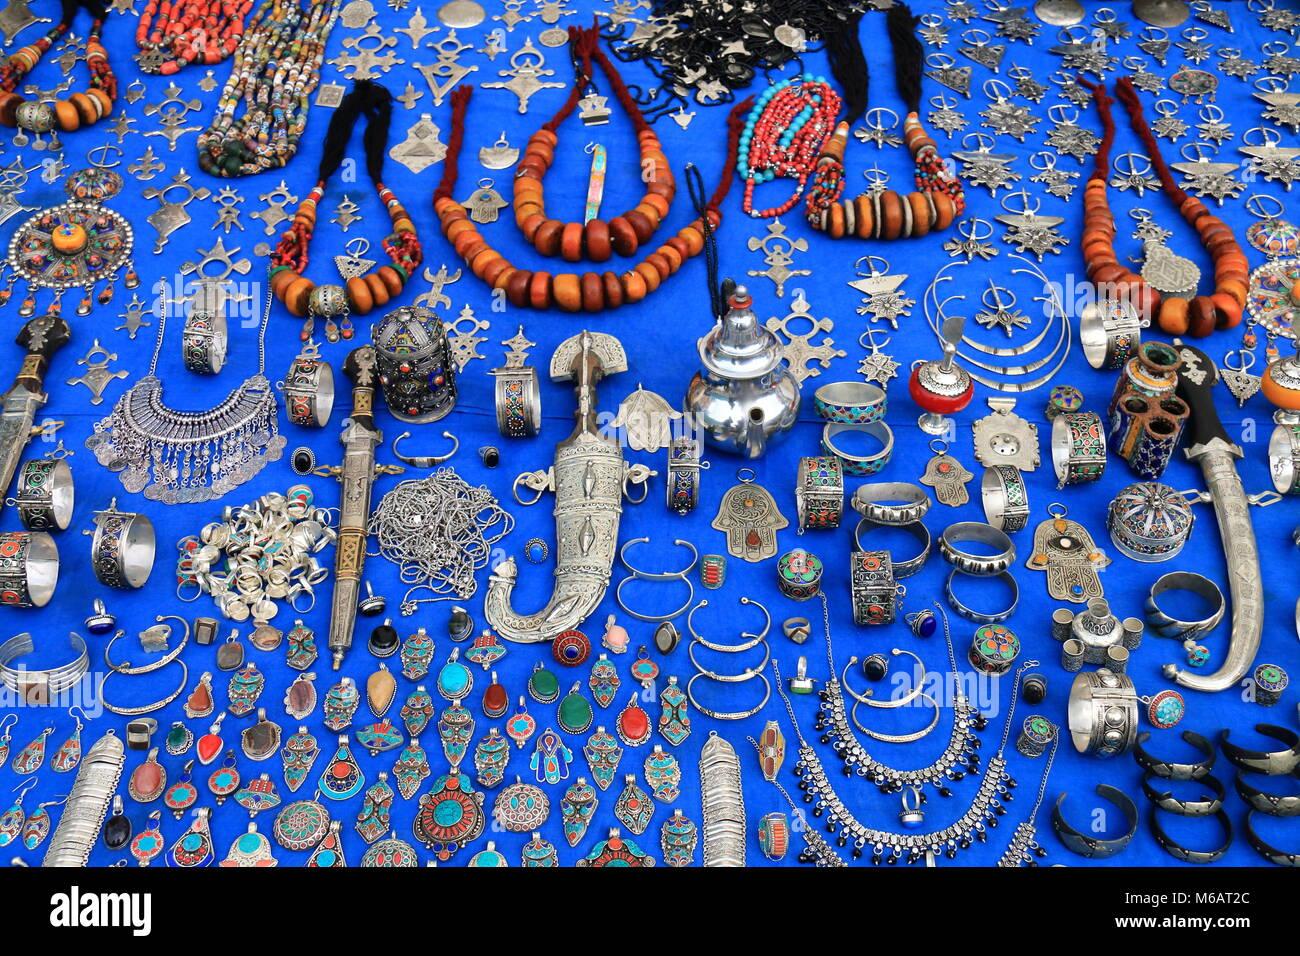 La Artesanía Marroquí Foto Imagen De Stock 176030020 Alamy